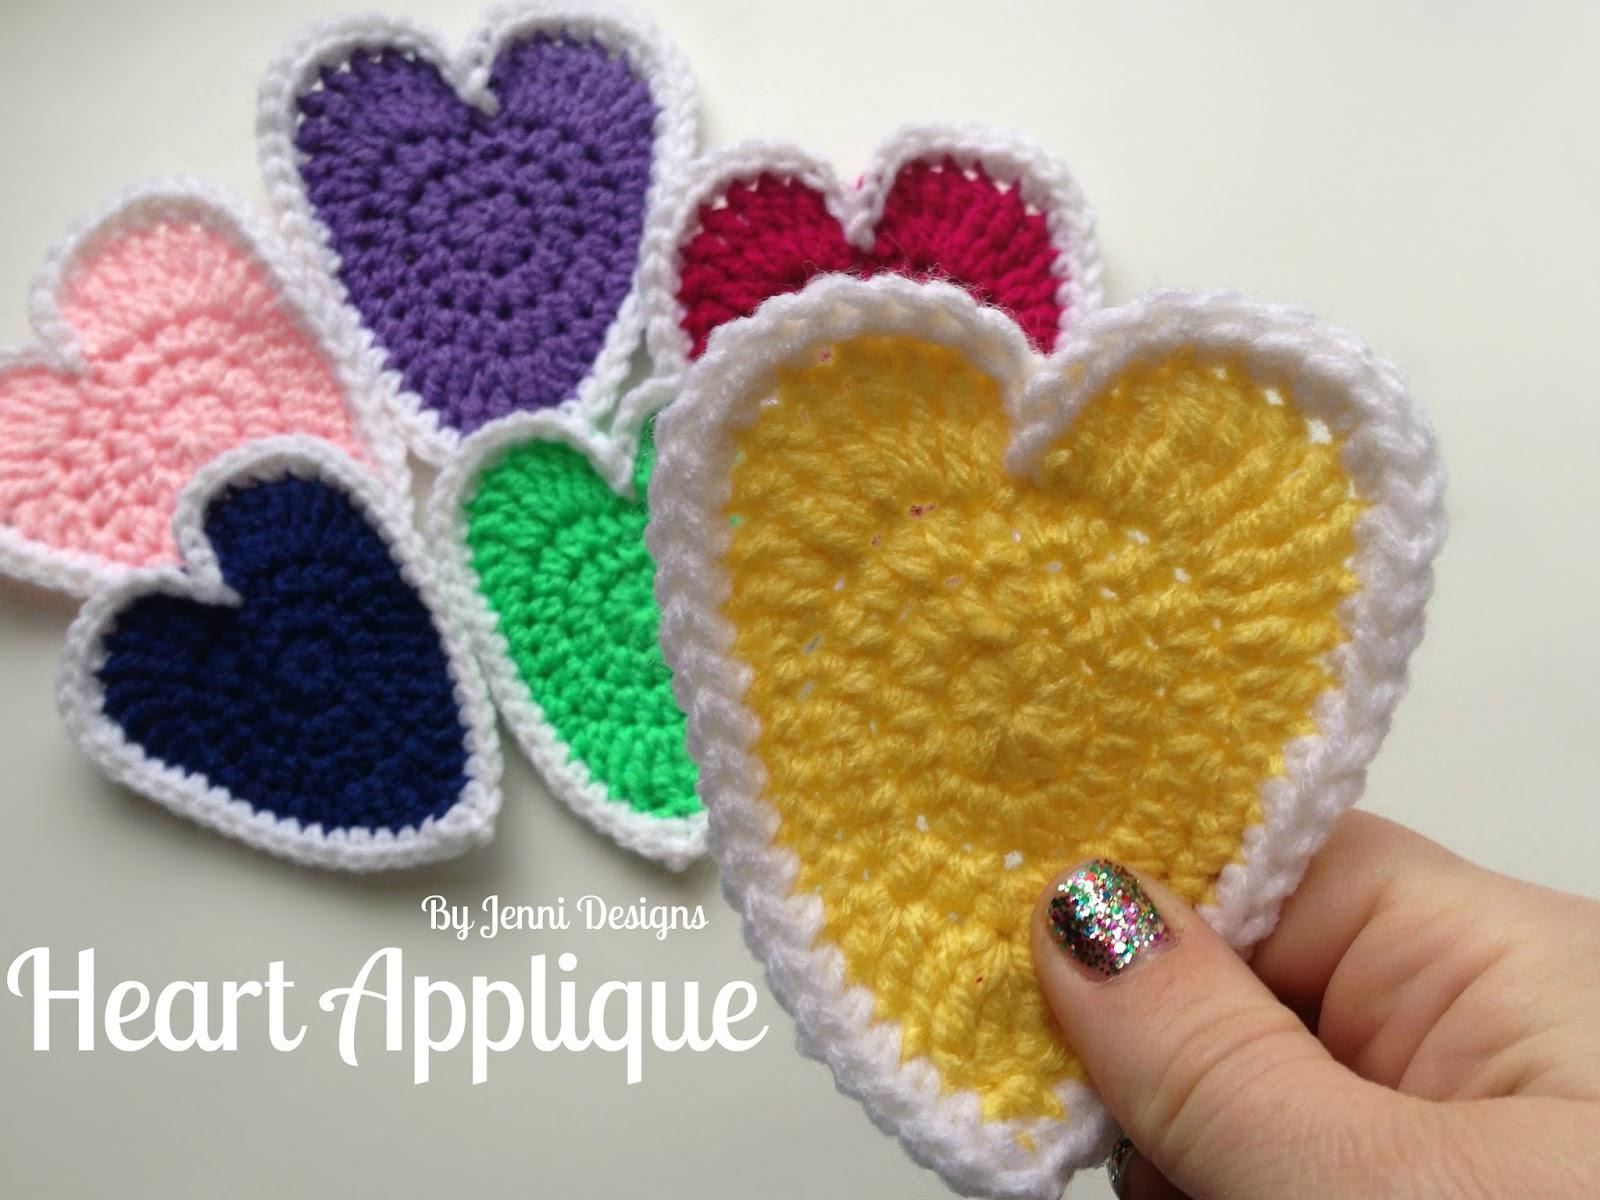 By jenni designs free crochet pattern tutorial heart applique